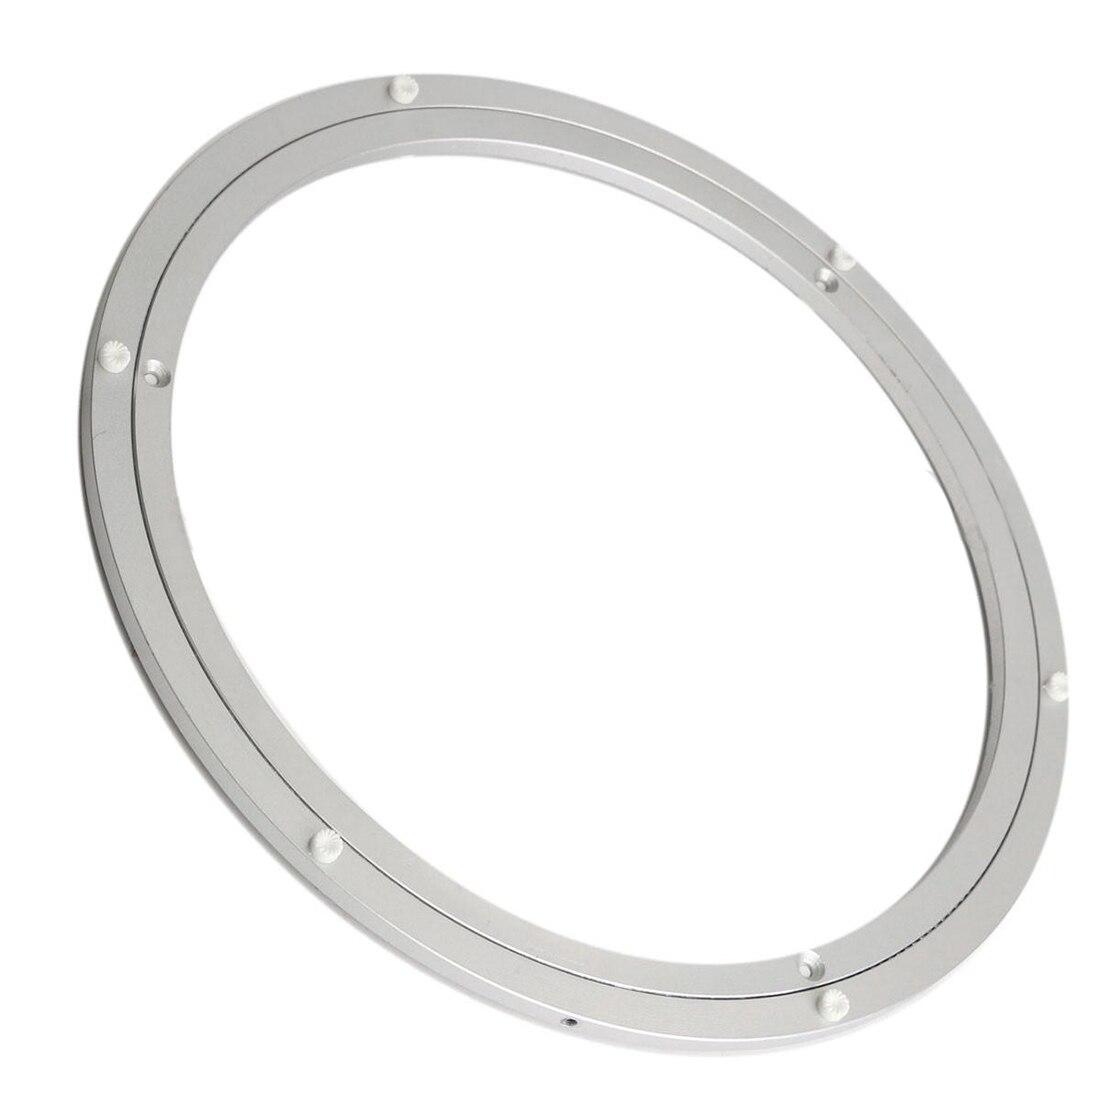 Trendmarkierung Aluminium Drehteller Lager Schwenkplatte 14 Zoll Silber Hardware Möbel Hardware